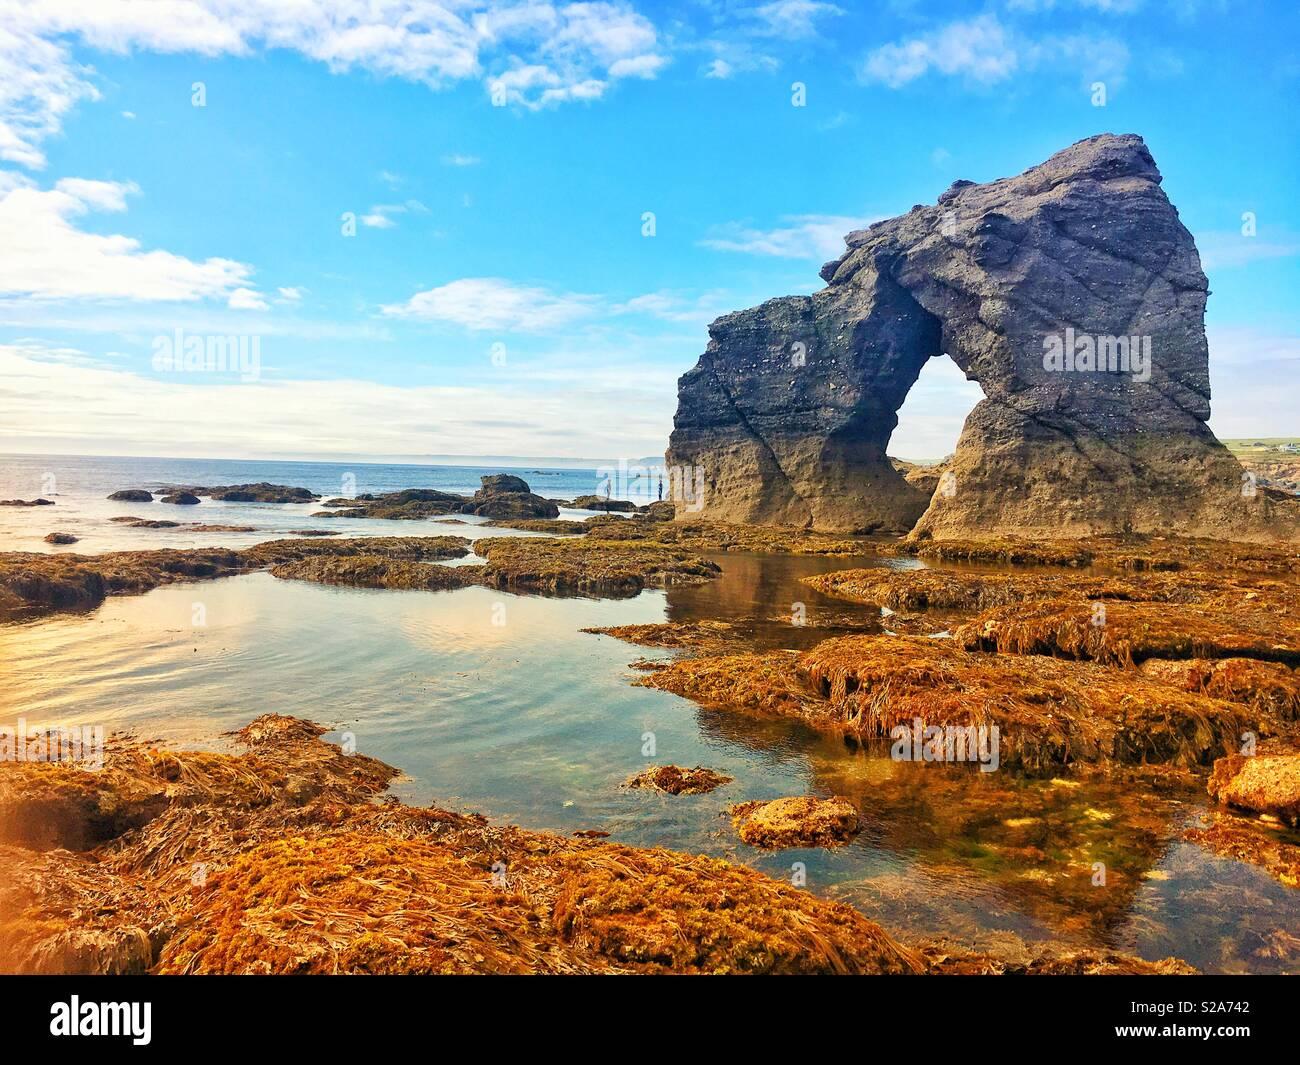 Thurlestone Rock auf der South Devon Küste in Großbritannien. Einen natürlichen Steinbogen näherte sich über Gezeiten Rock Pools. Stockfoto